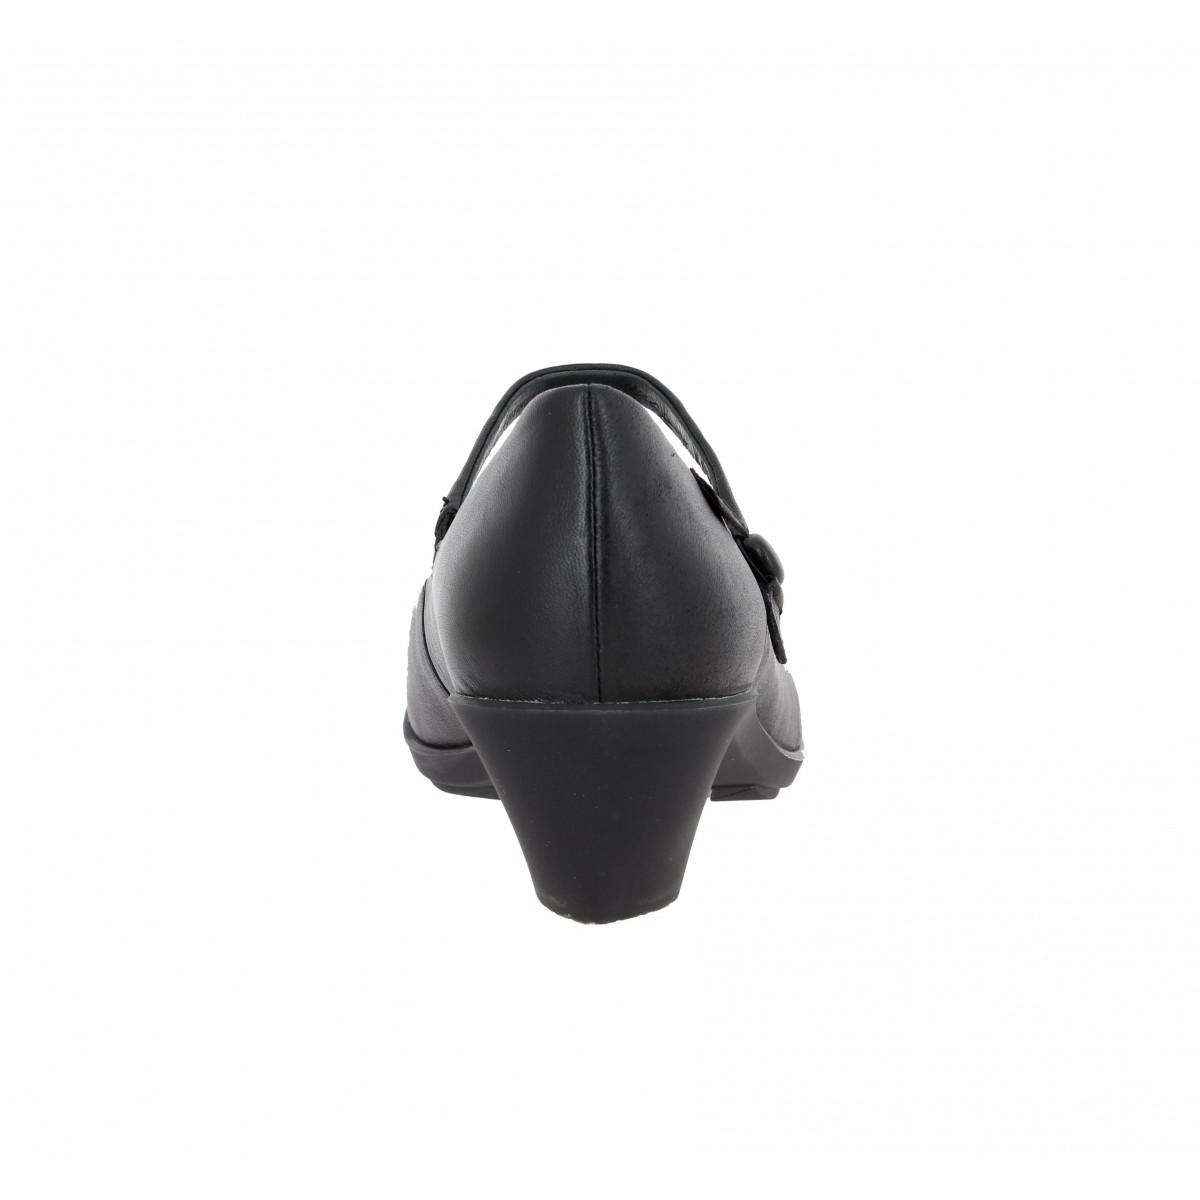 Fanny Cuir Agatha 21847 Chaussures Femme Camper Noir Xf4qn 32060ee9f7c0